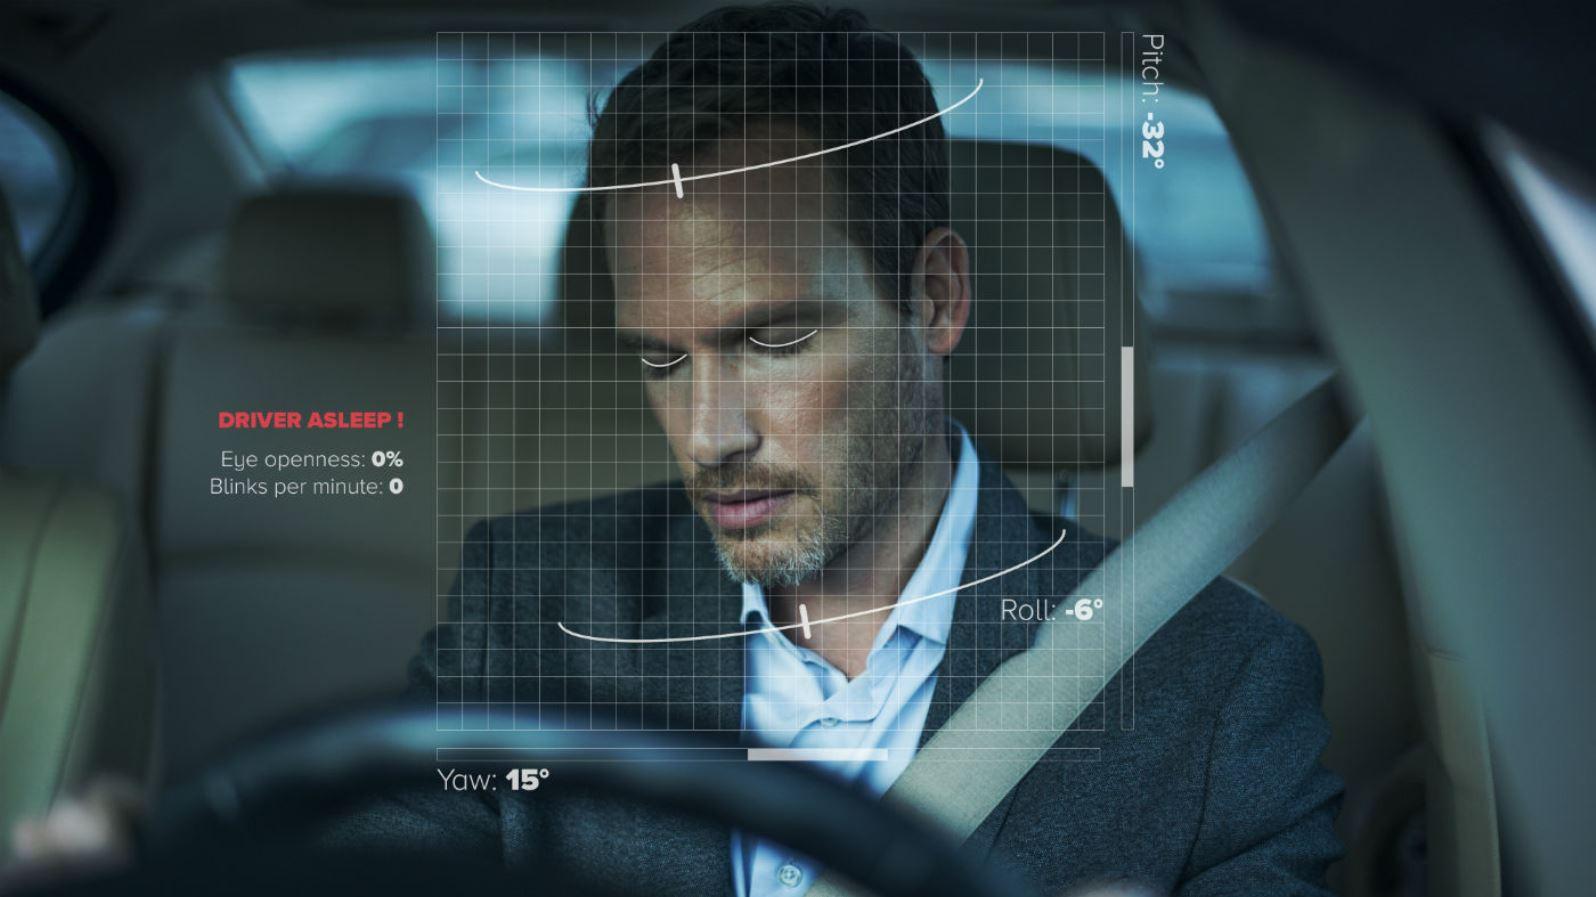 سیستم هشدار خواب آلودگی راننده چگونه عمل می کند؟